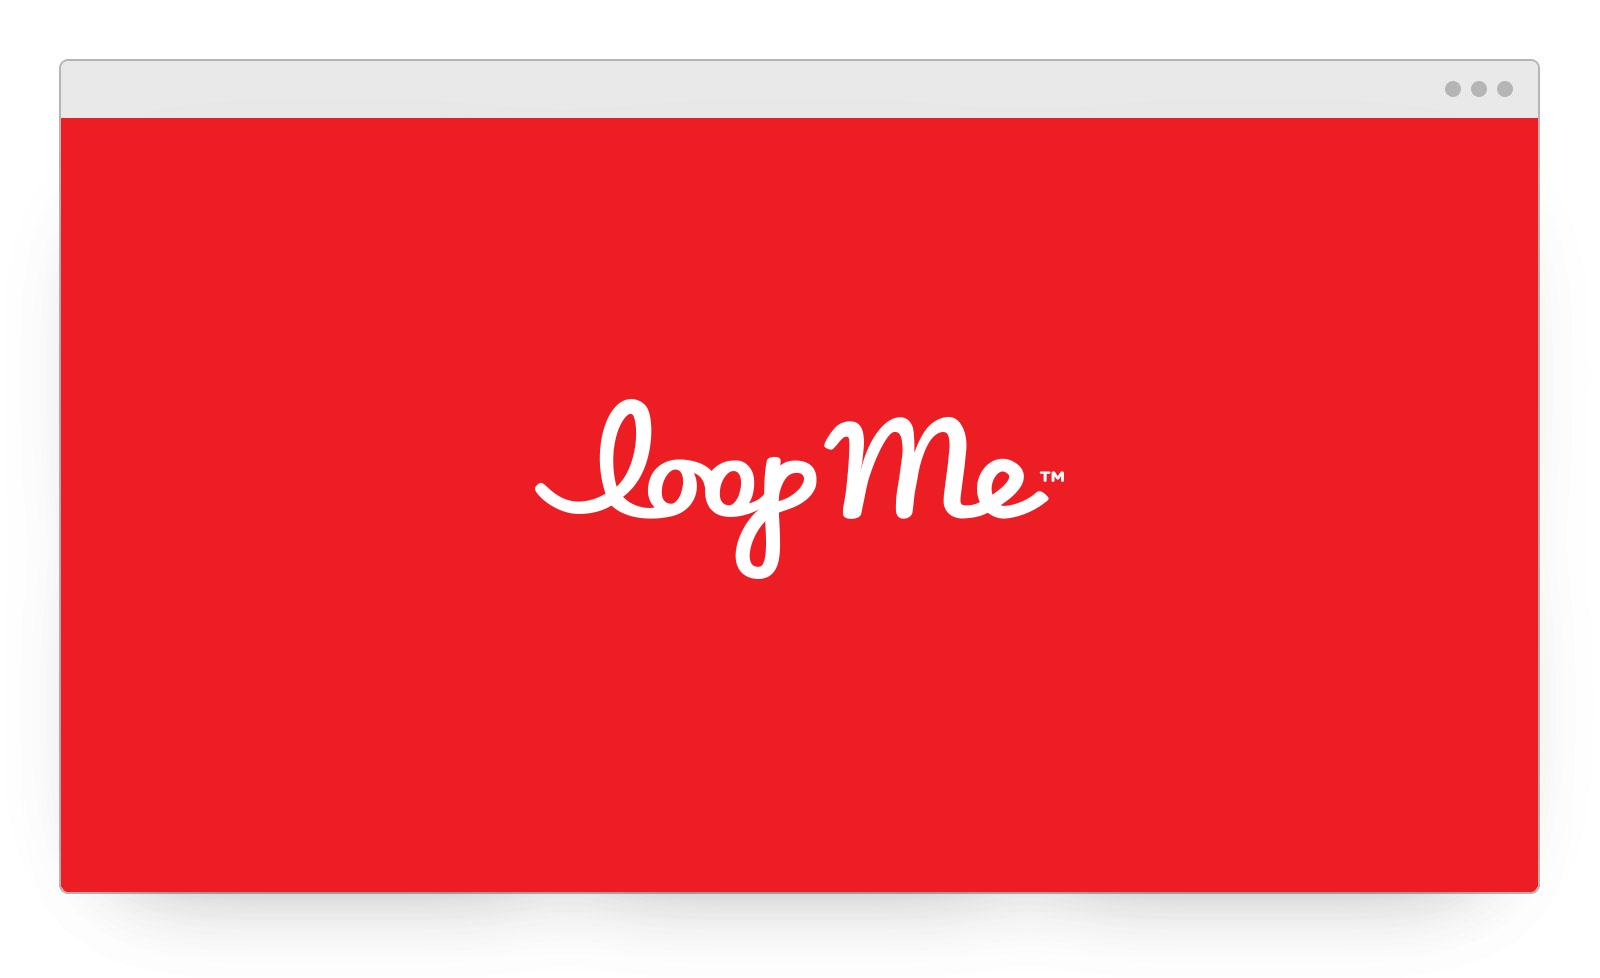 loop-me